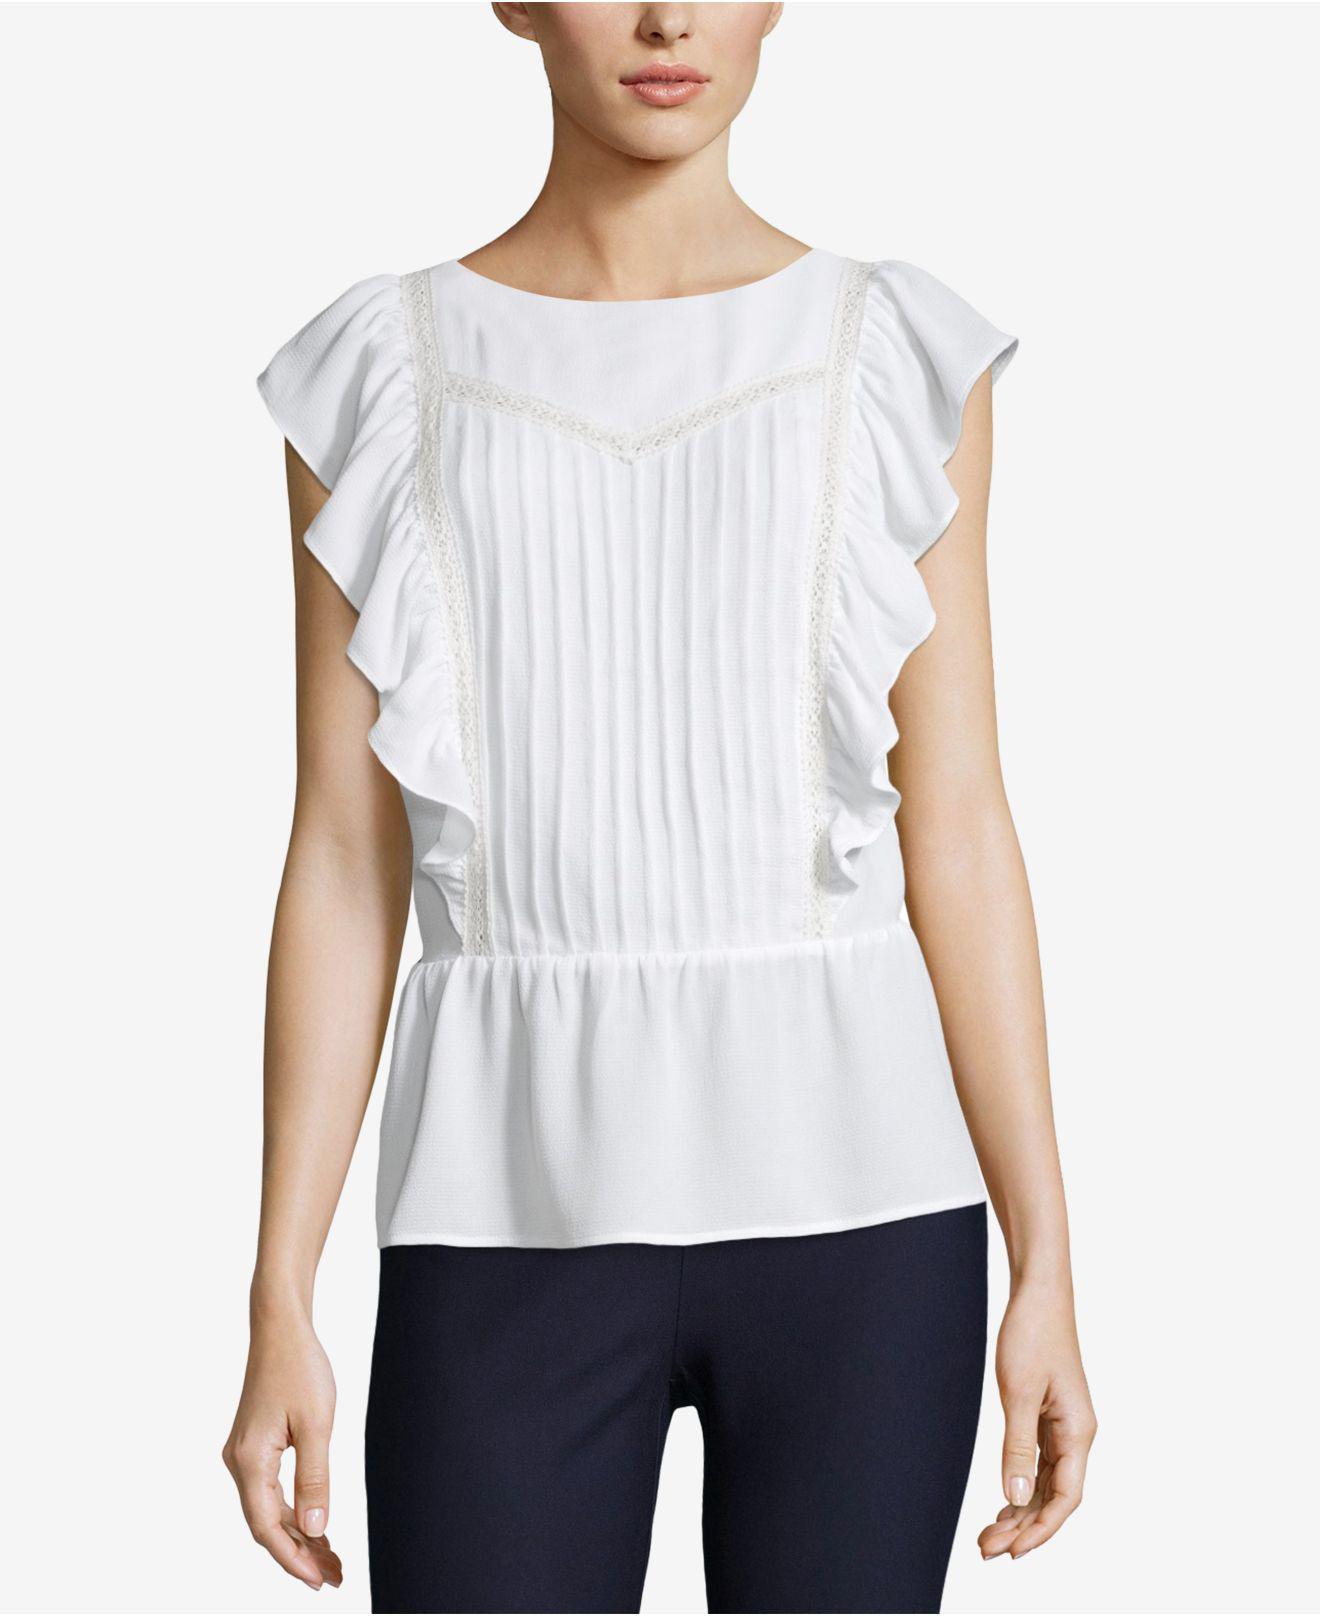 00bcad9a5a7cc6 Lyst - Eci Lace-trim Peplum Top in White